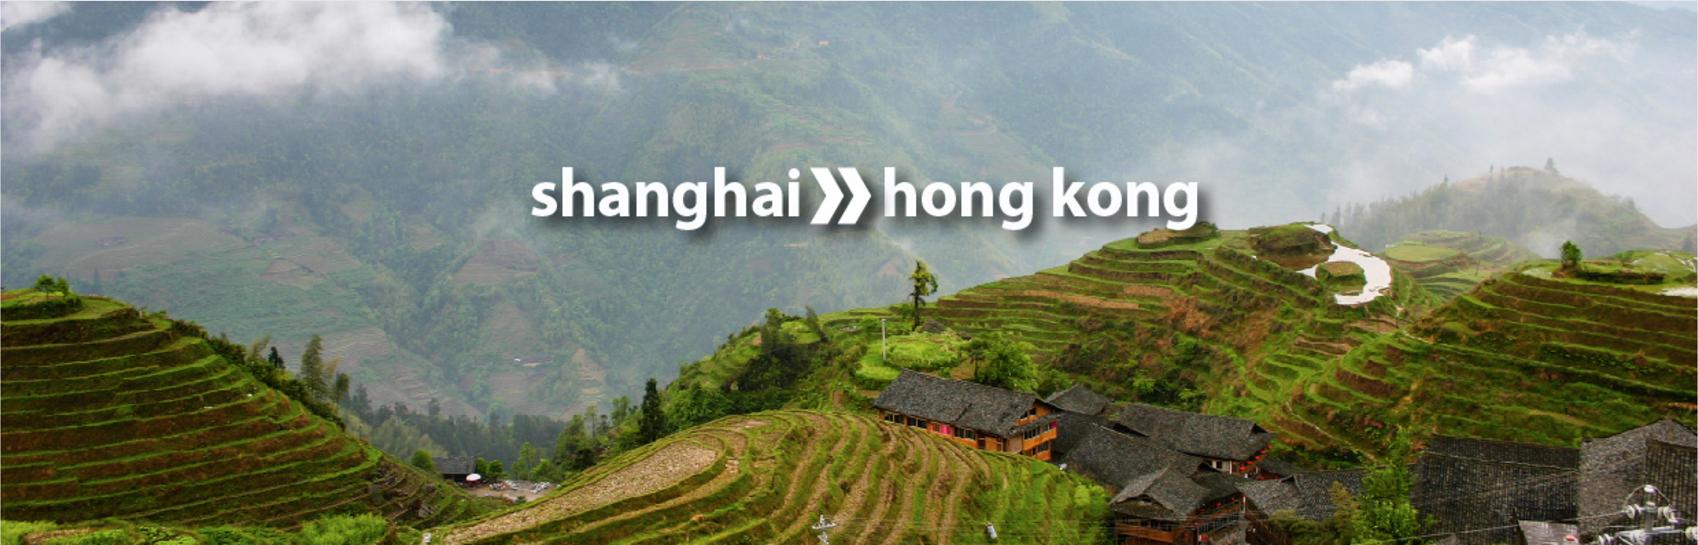 travel china shanghai to hong kong